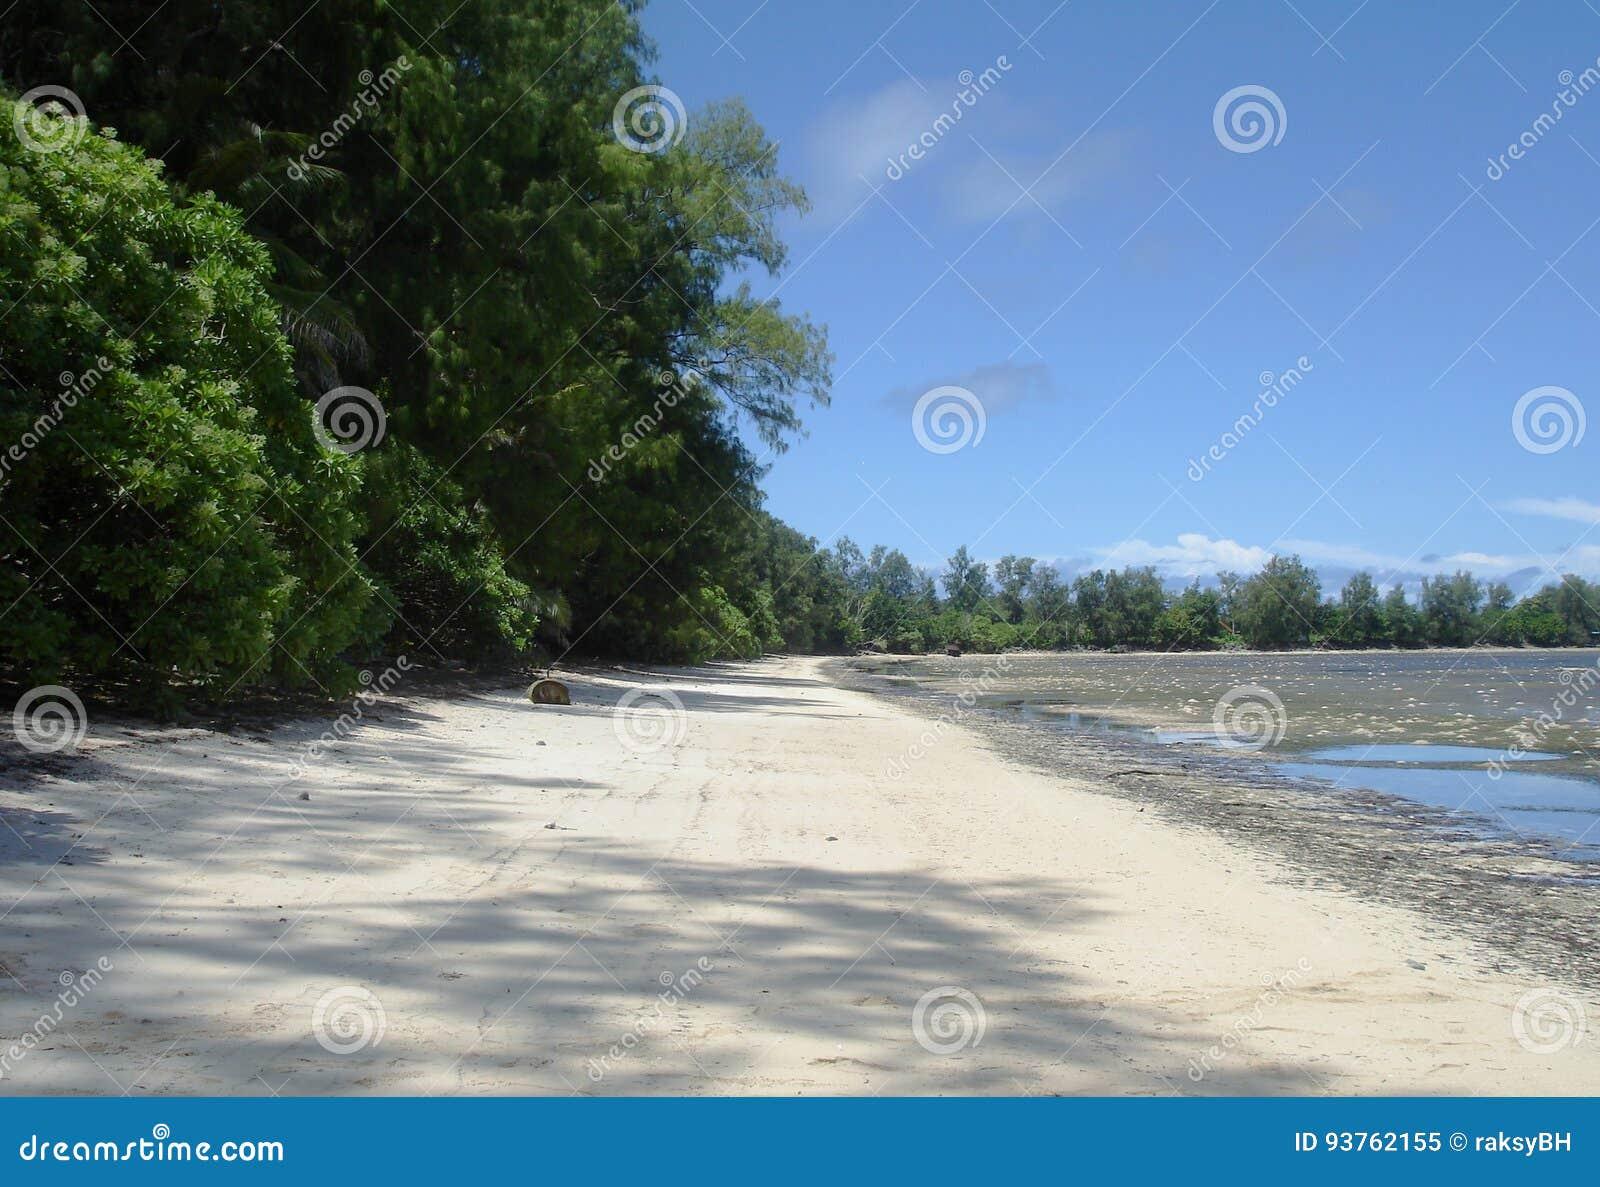 Orange Beach, Peleliu, Palau Stock Image - Image of battle